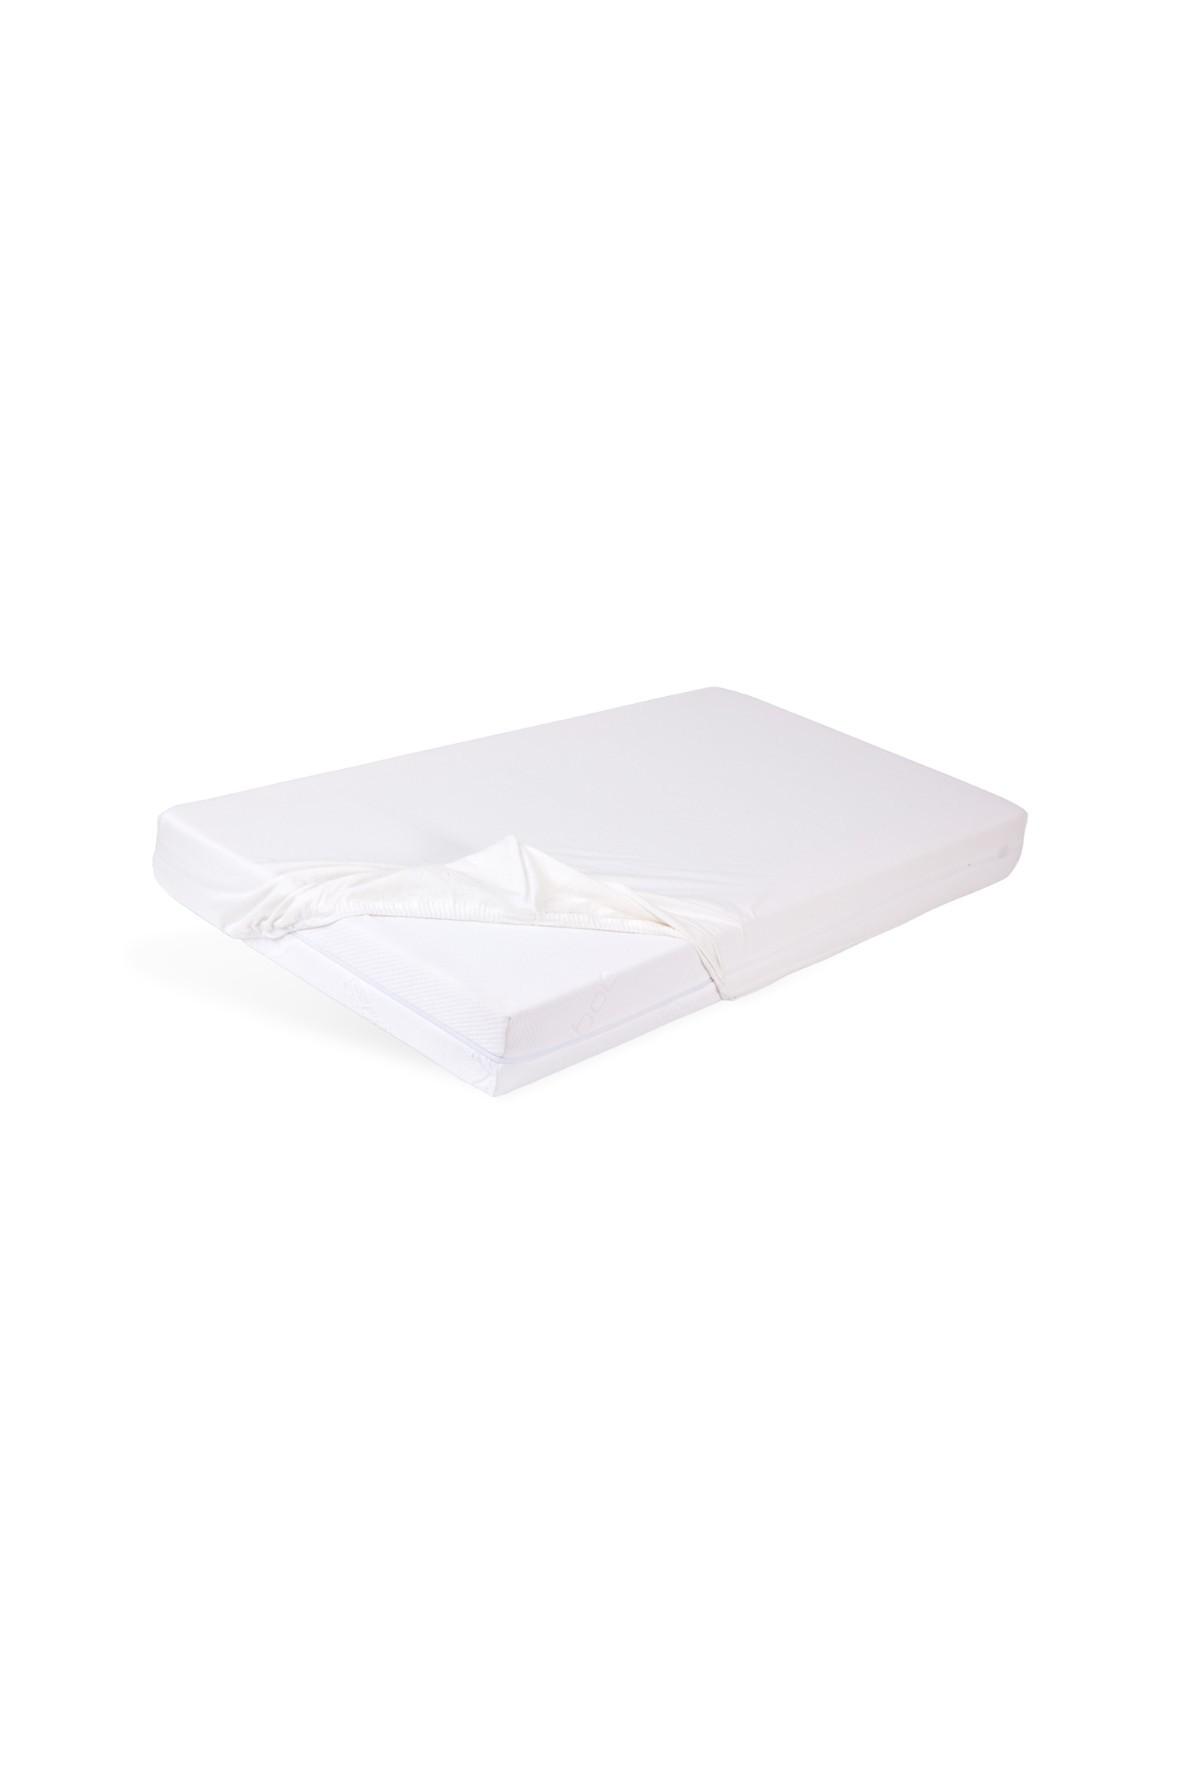 Podkład higieniczny - prześcieradło nieprzemakalne białe 70x140cm